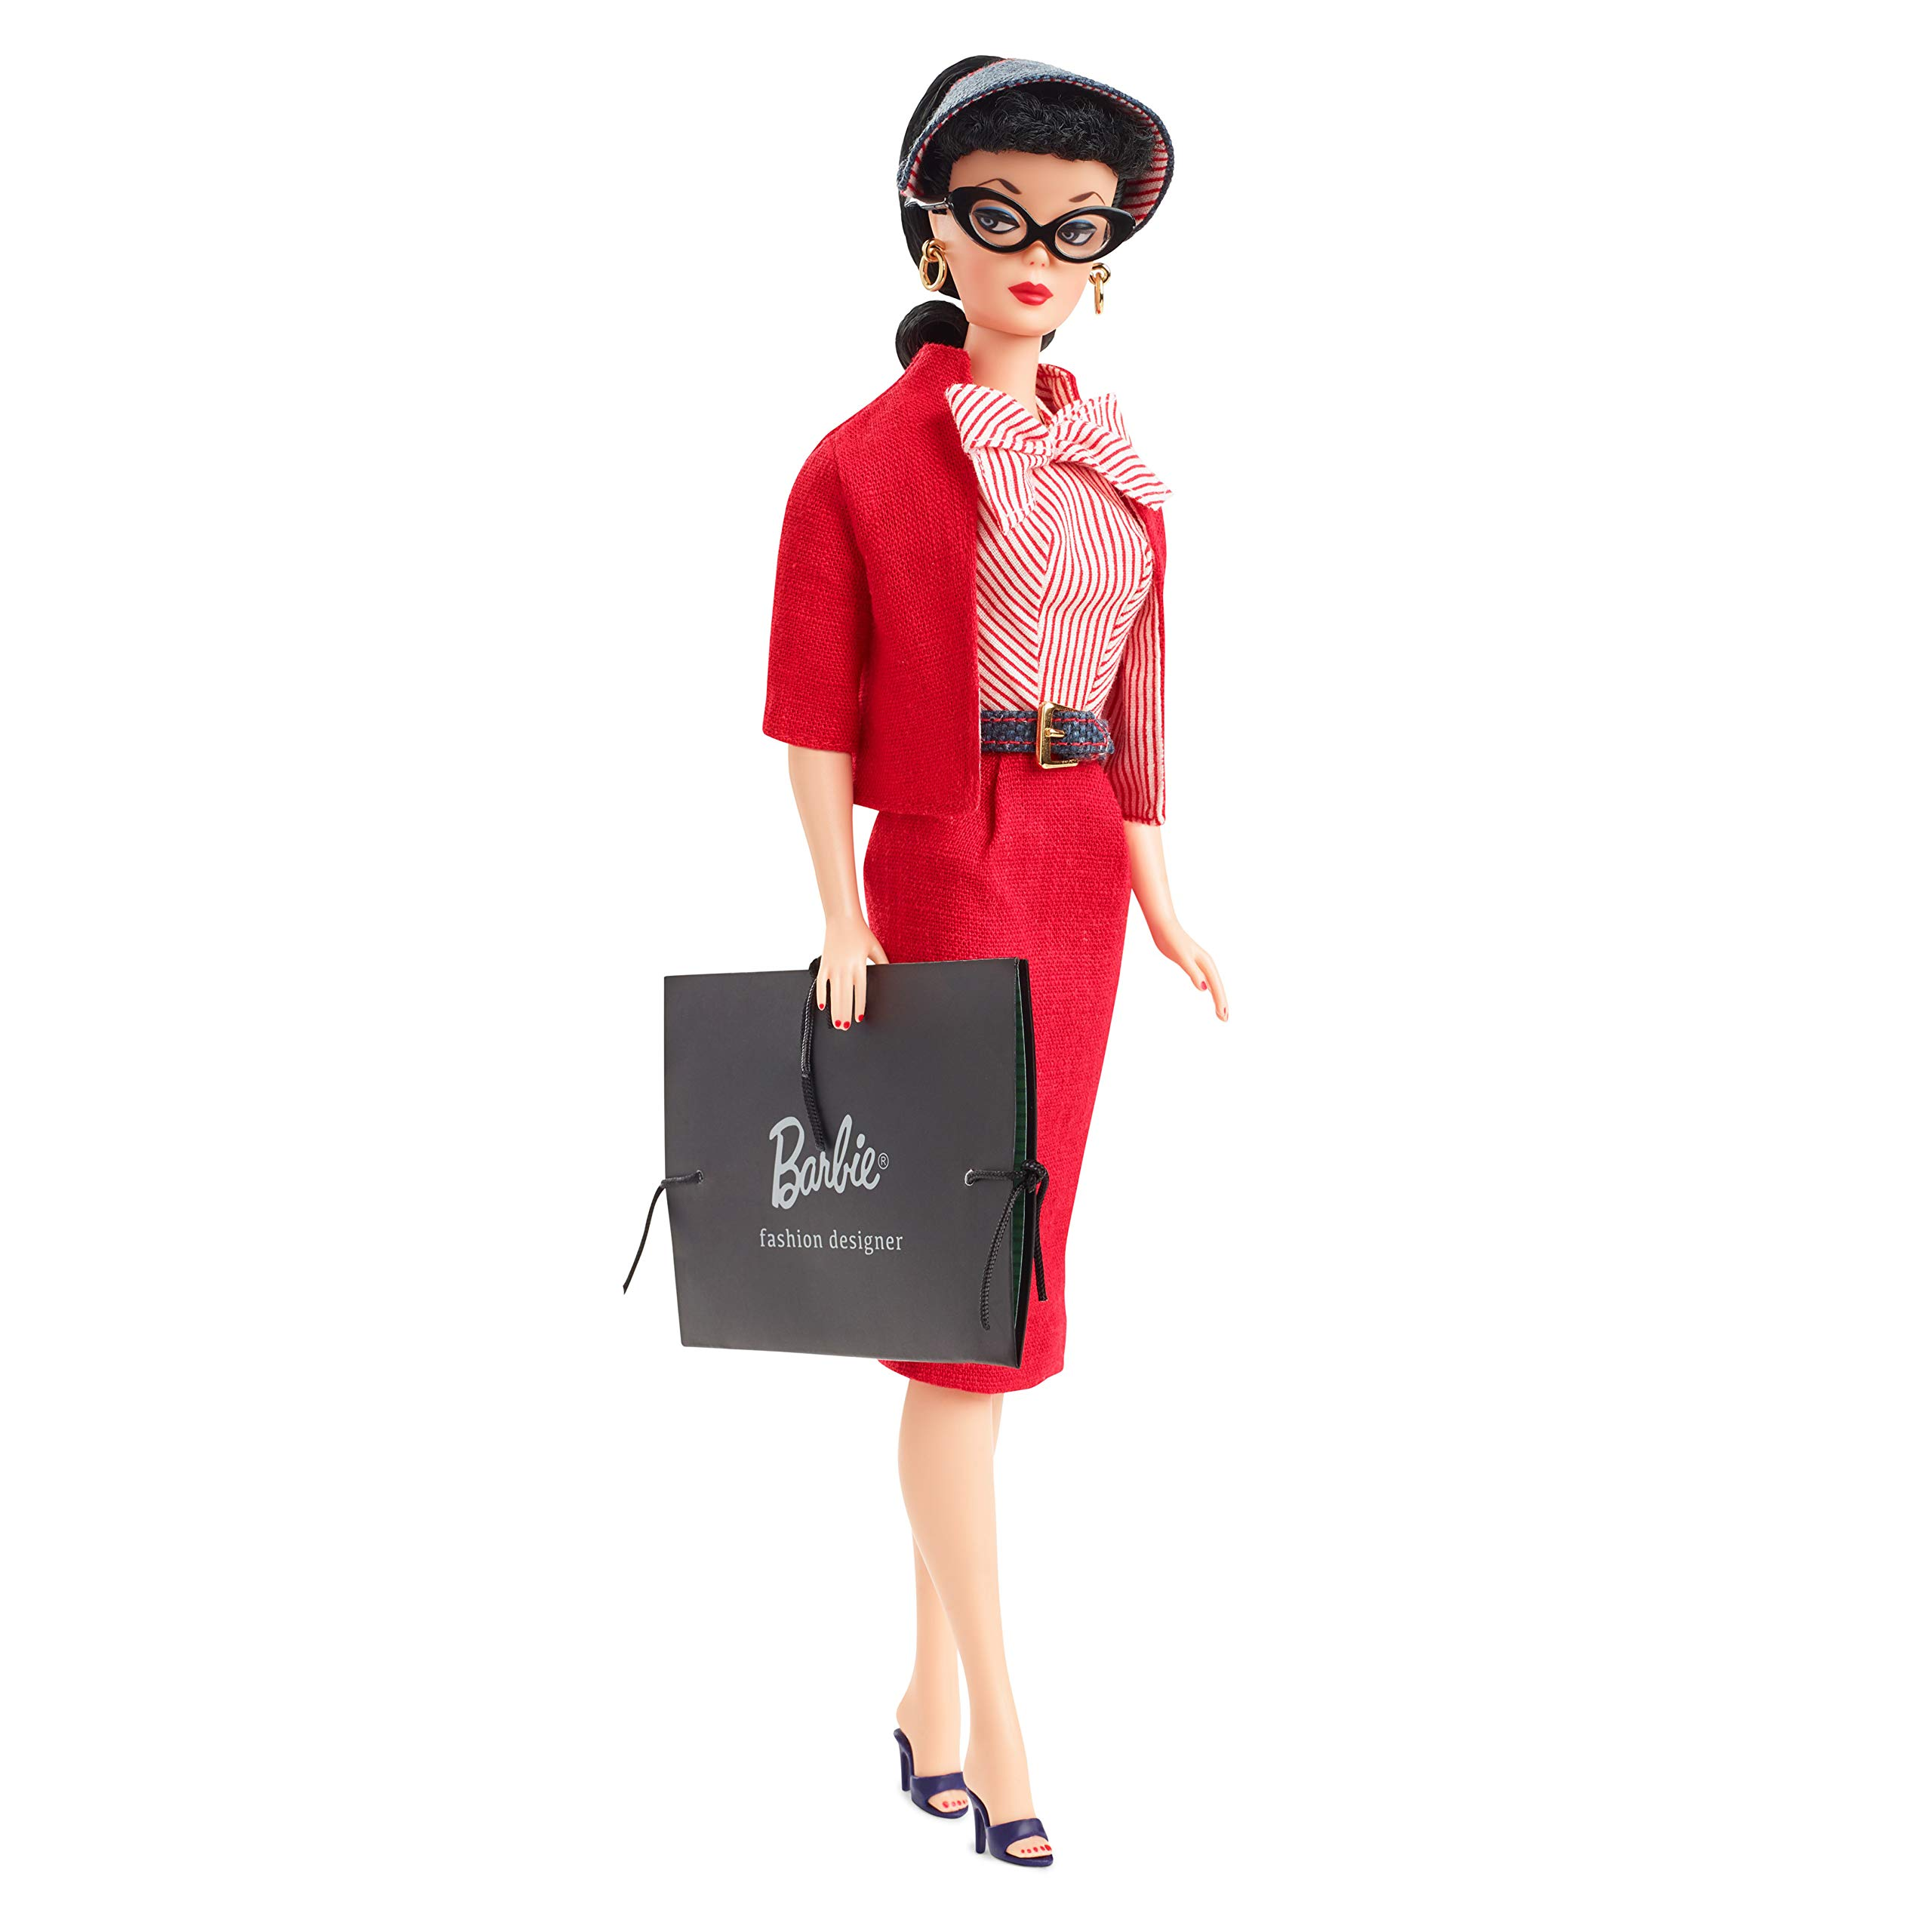 Barbie Busy Gal Doll